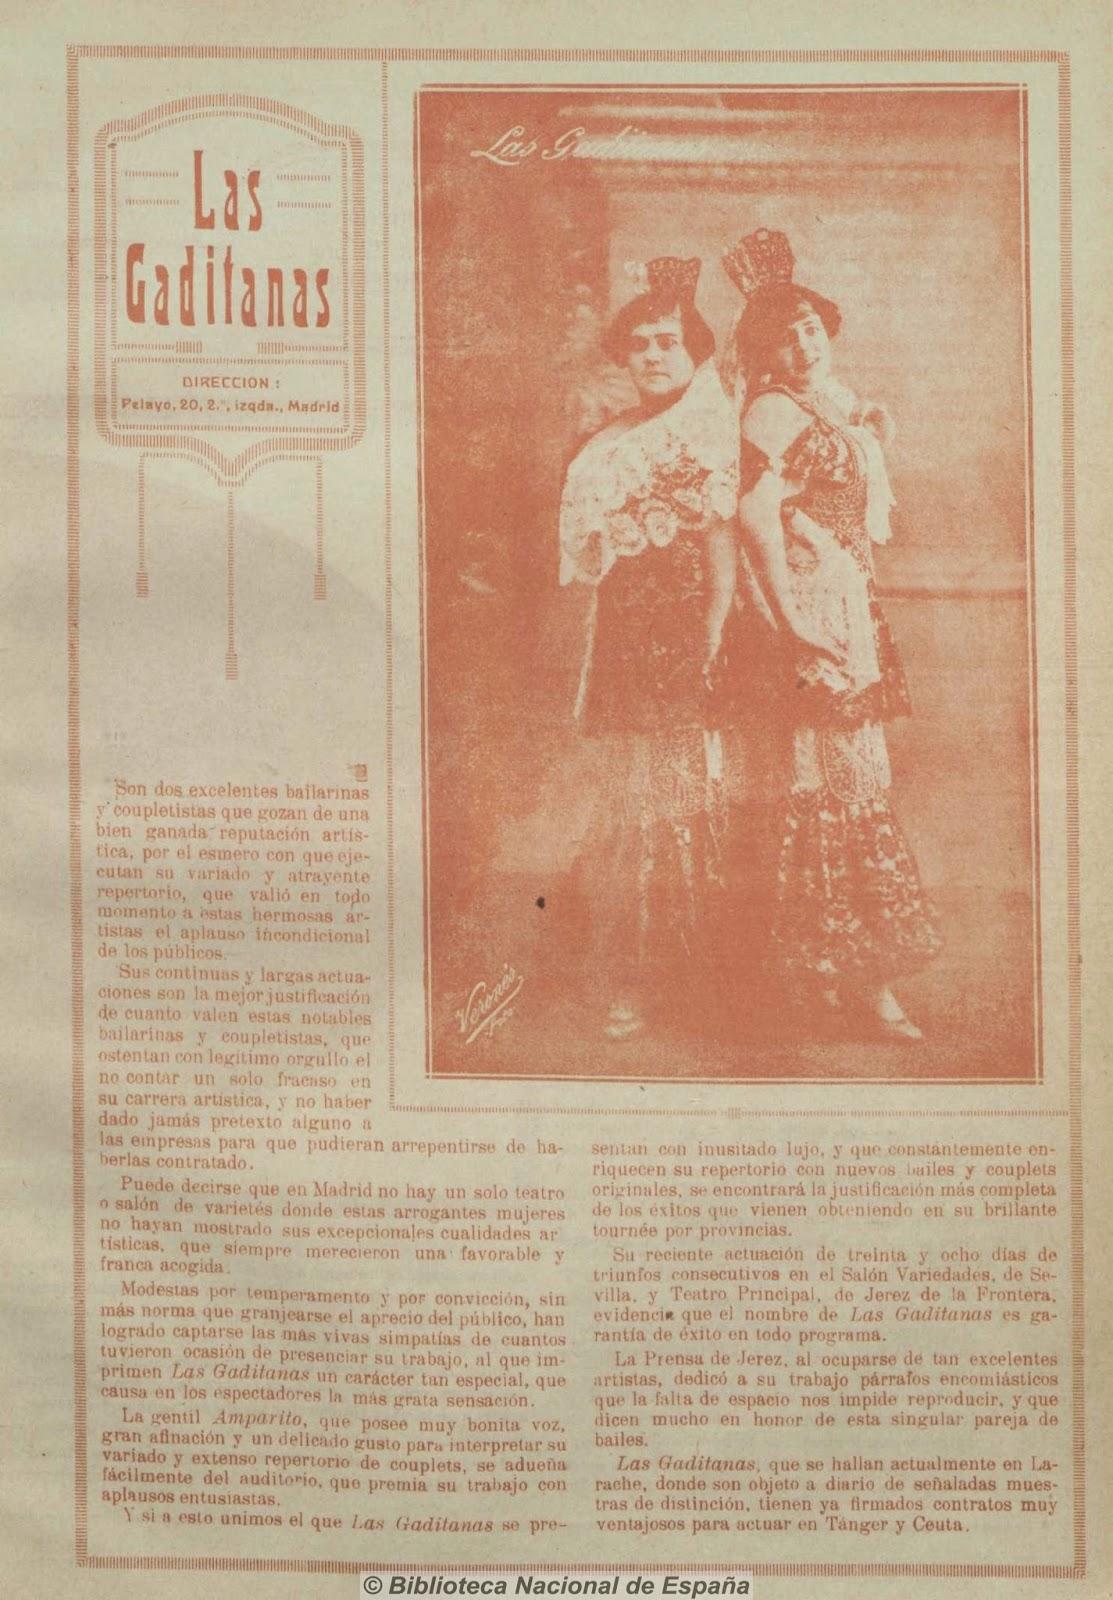 Las Gaditanas en  El Eco Artístico  (25 de diciembre de 1916)